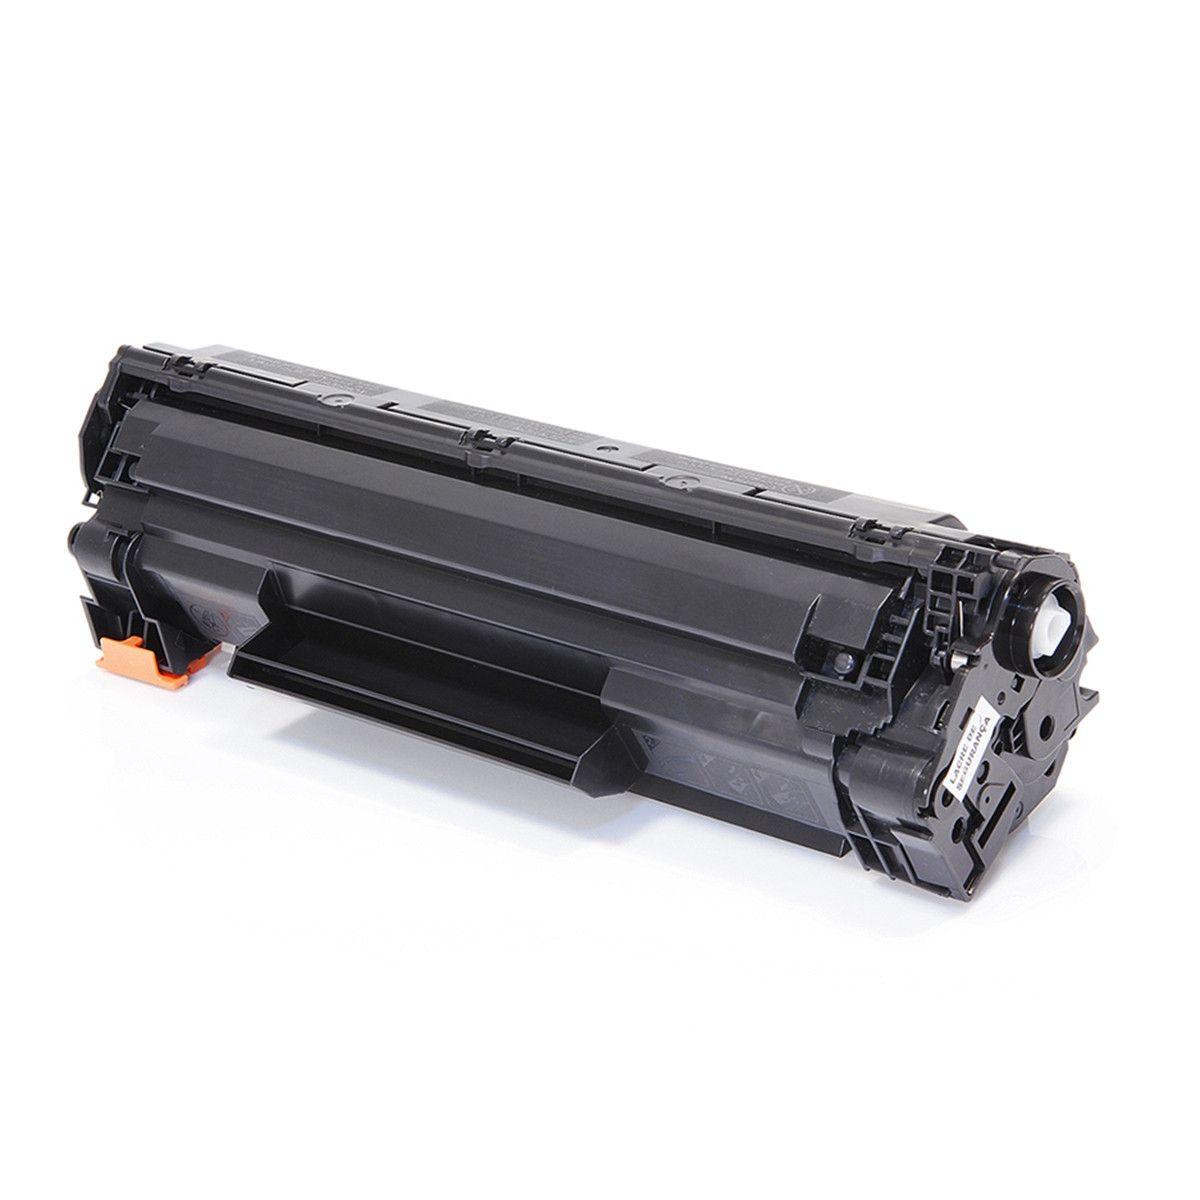 Toner compatível com HP CB435A CB436A CE285A UNIVERSAL P1005 P1505 M1120 M1212 M1130 1.800 Páginas - Cartucho & Cia